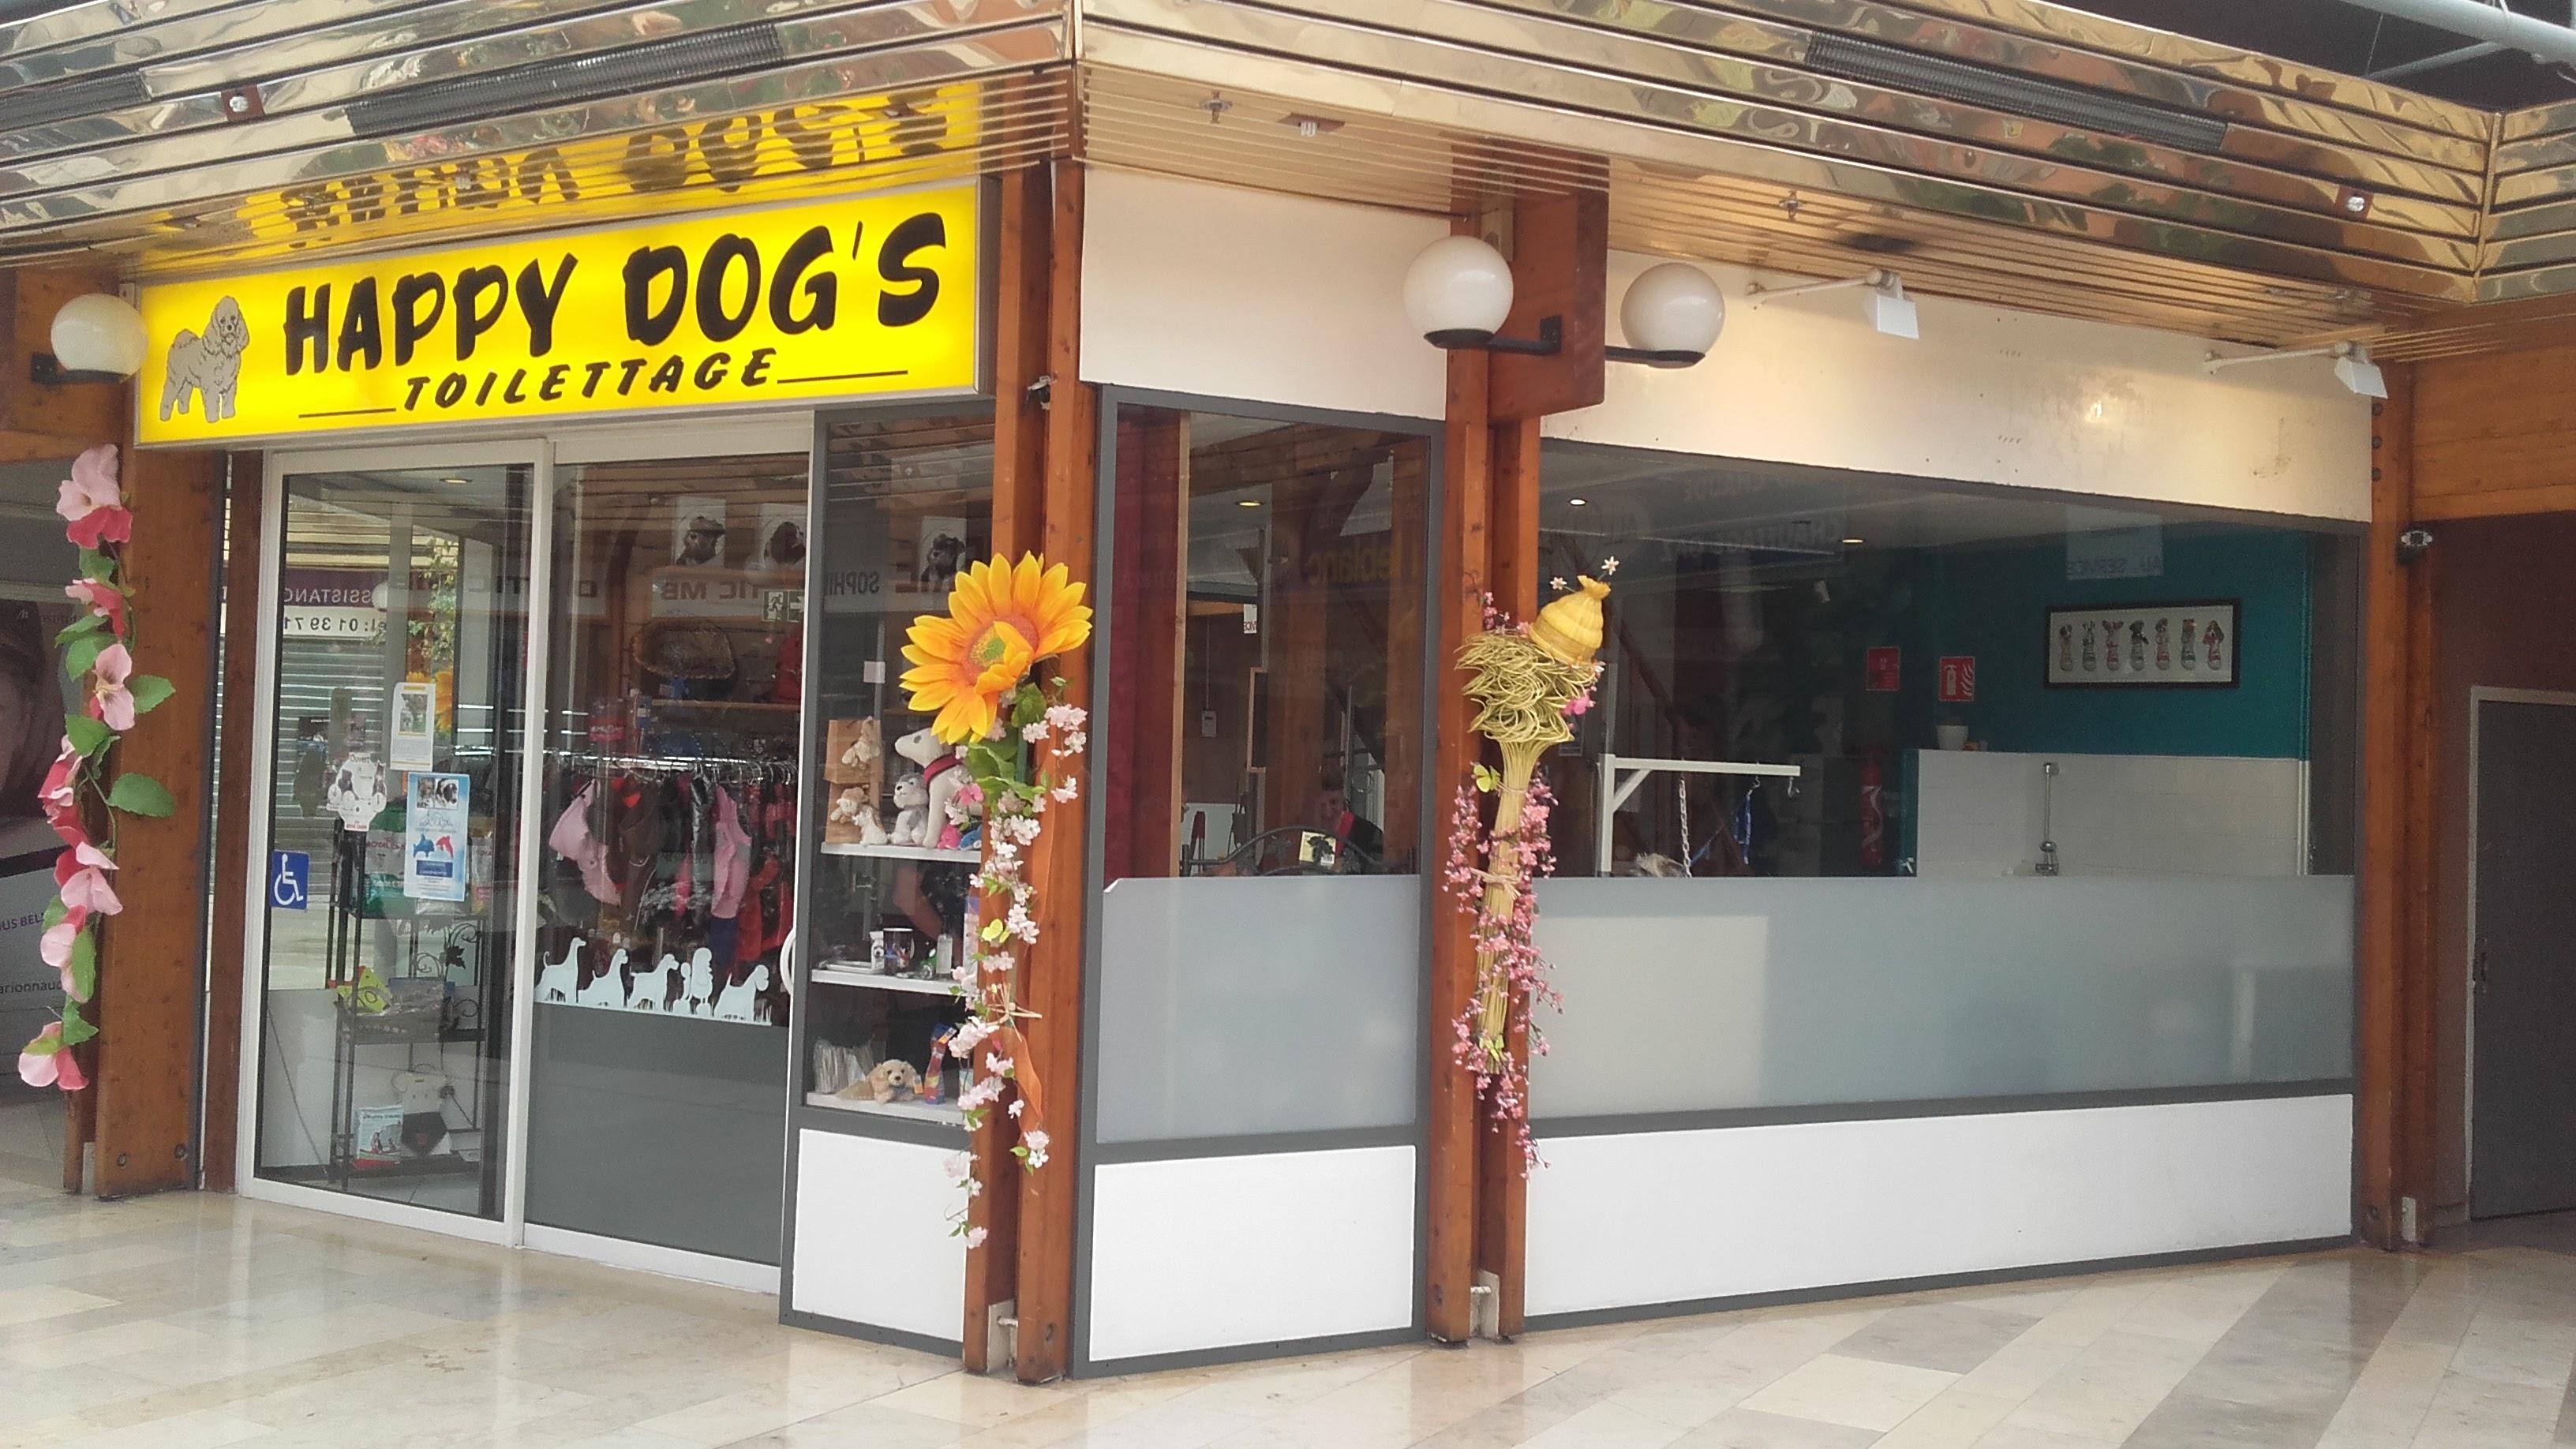 HAPPY DOG'S toilettage des toutous et des chats au centre commercial du Val de Seine à Vernouillet